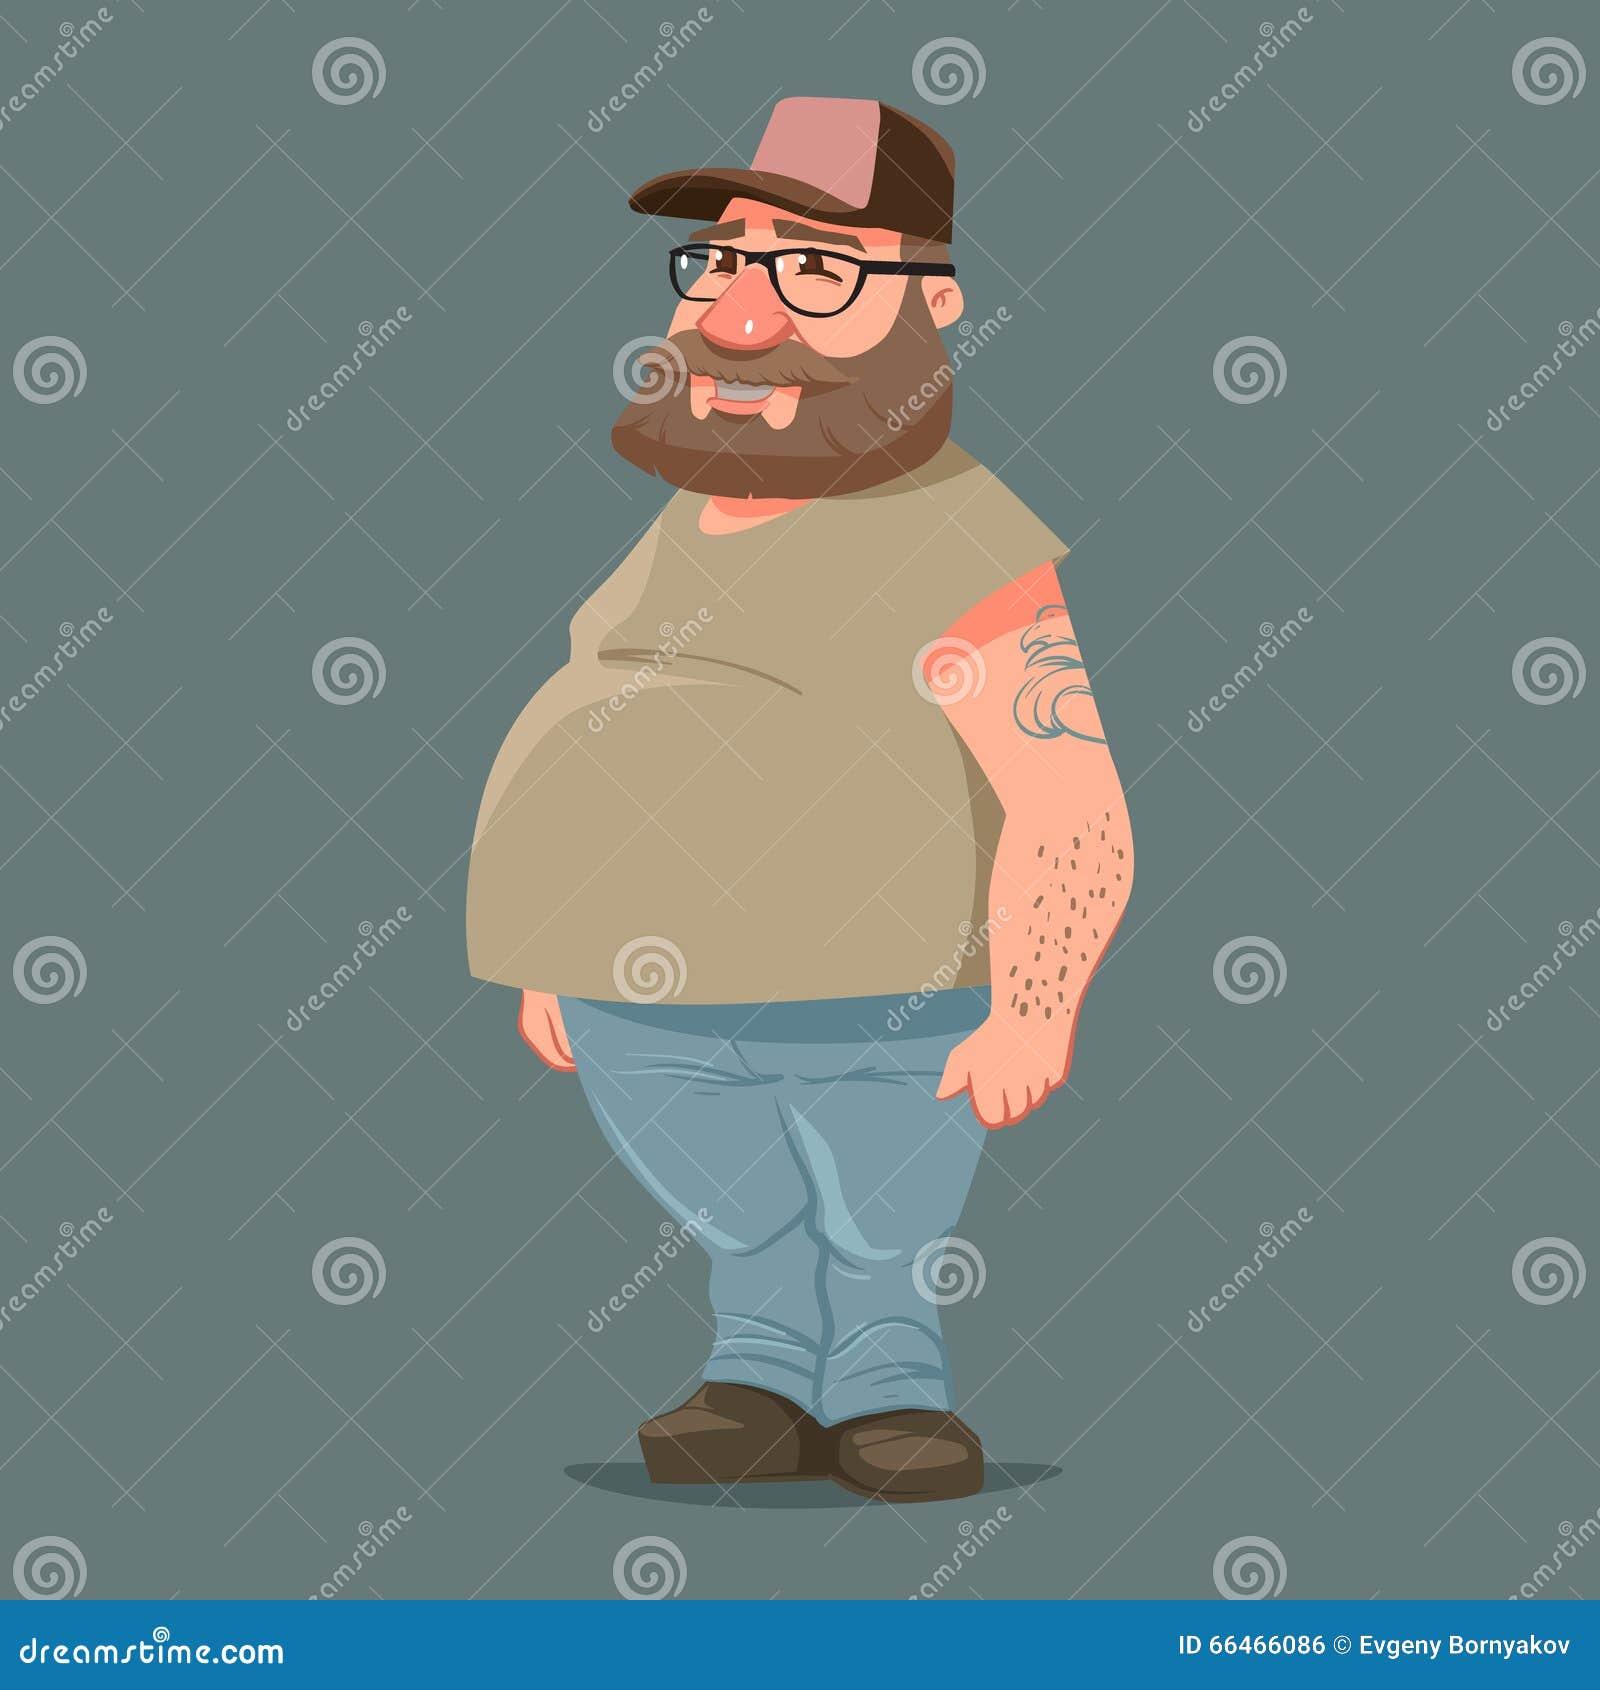 滑稽的漫画人物,与胡子的卡车司机在卡车司机盖帽,彩色插图.图片